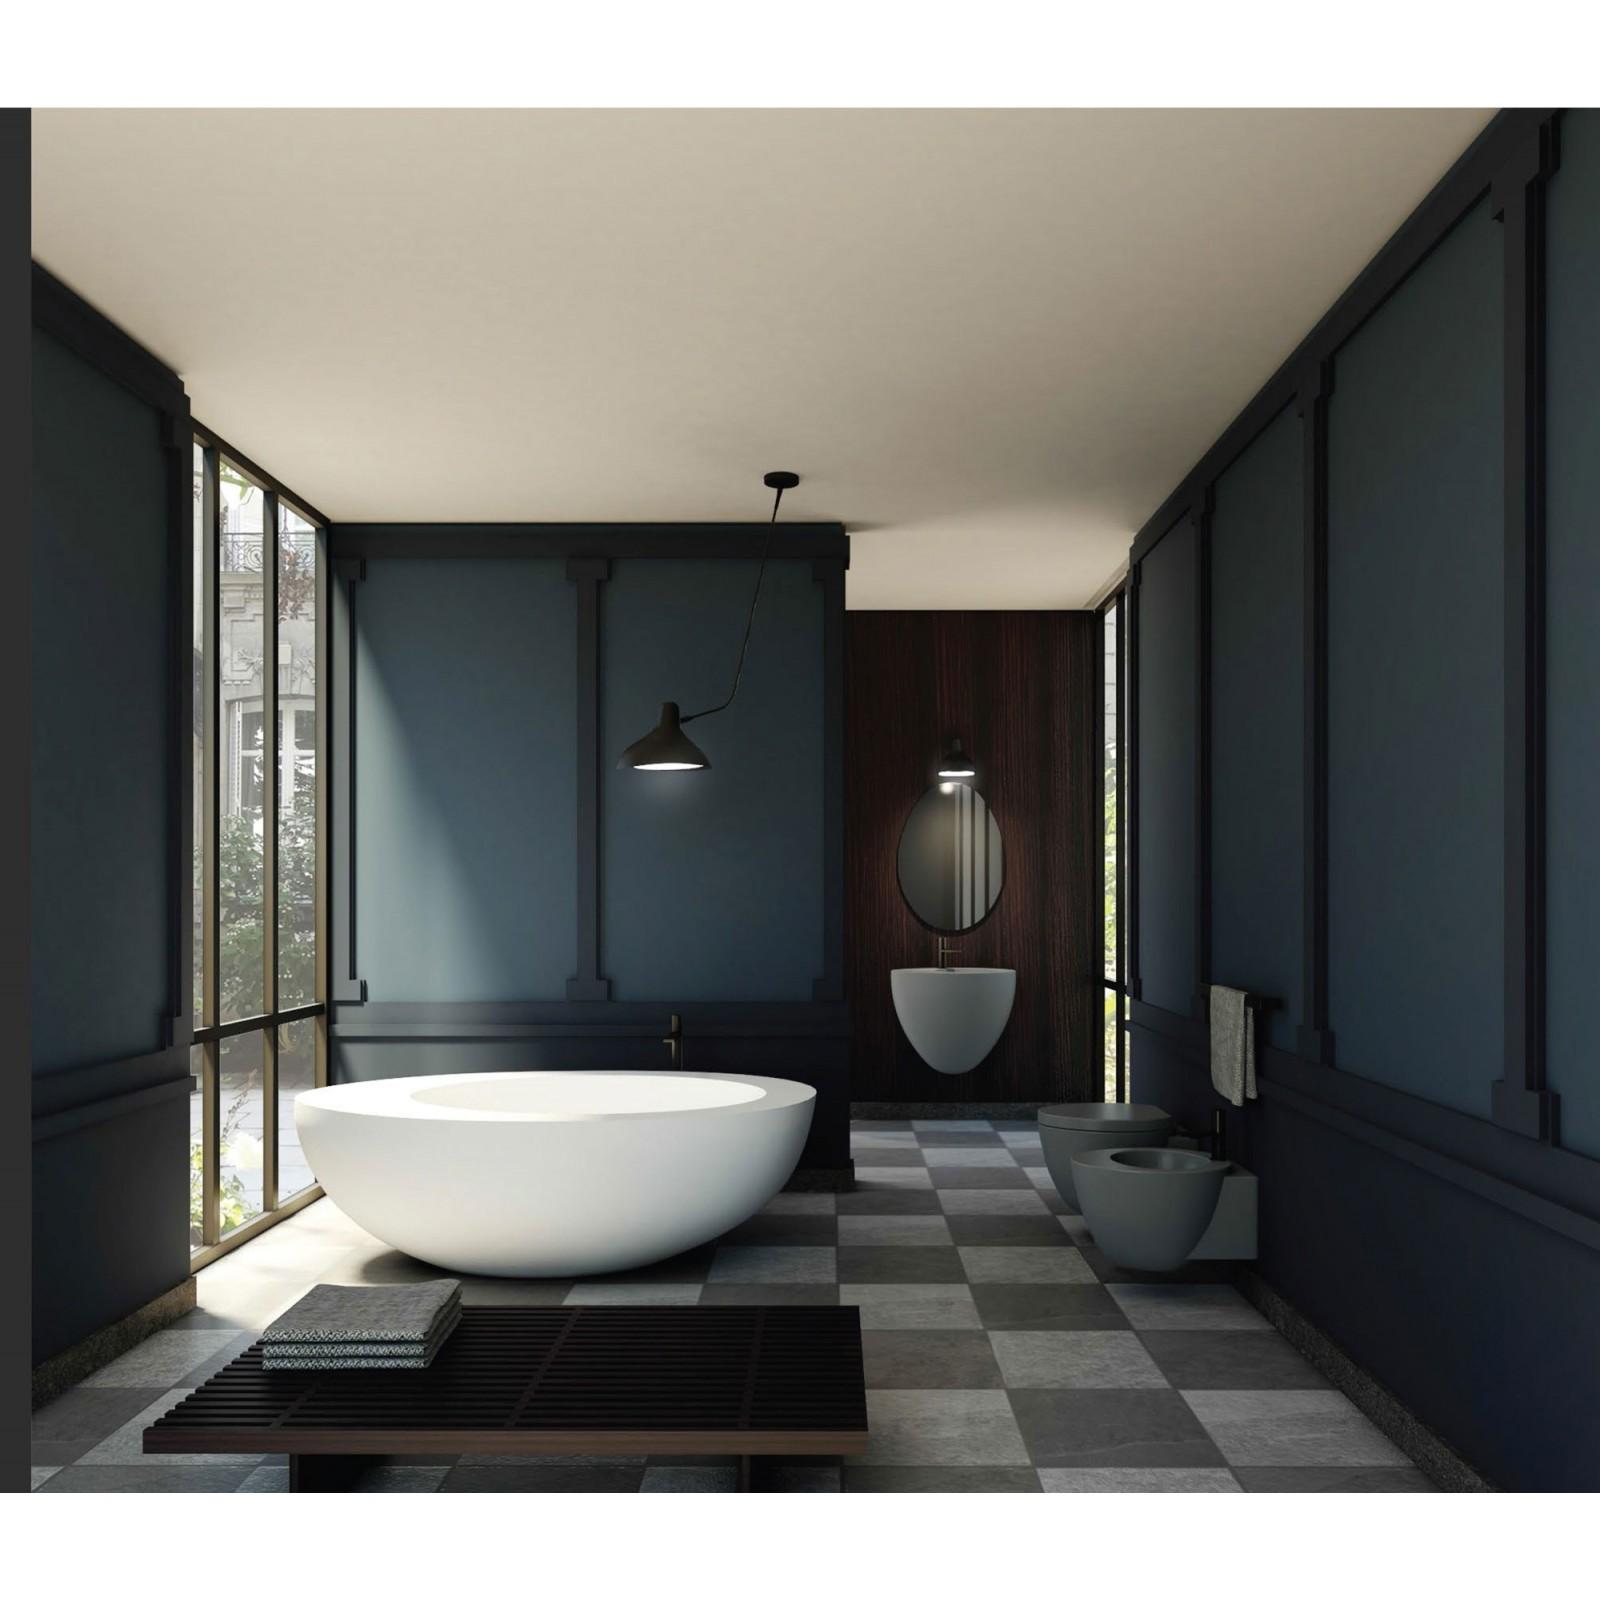 Le Giare lavabi in ceramica by Cielo - ConteCom